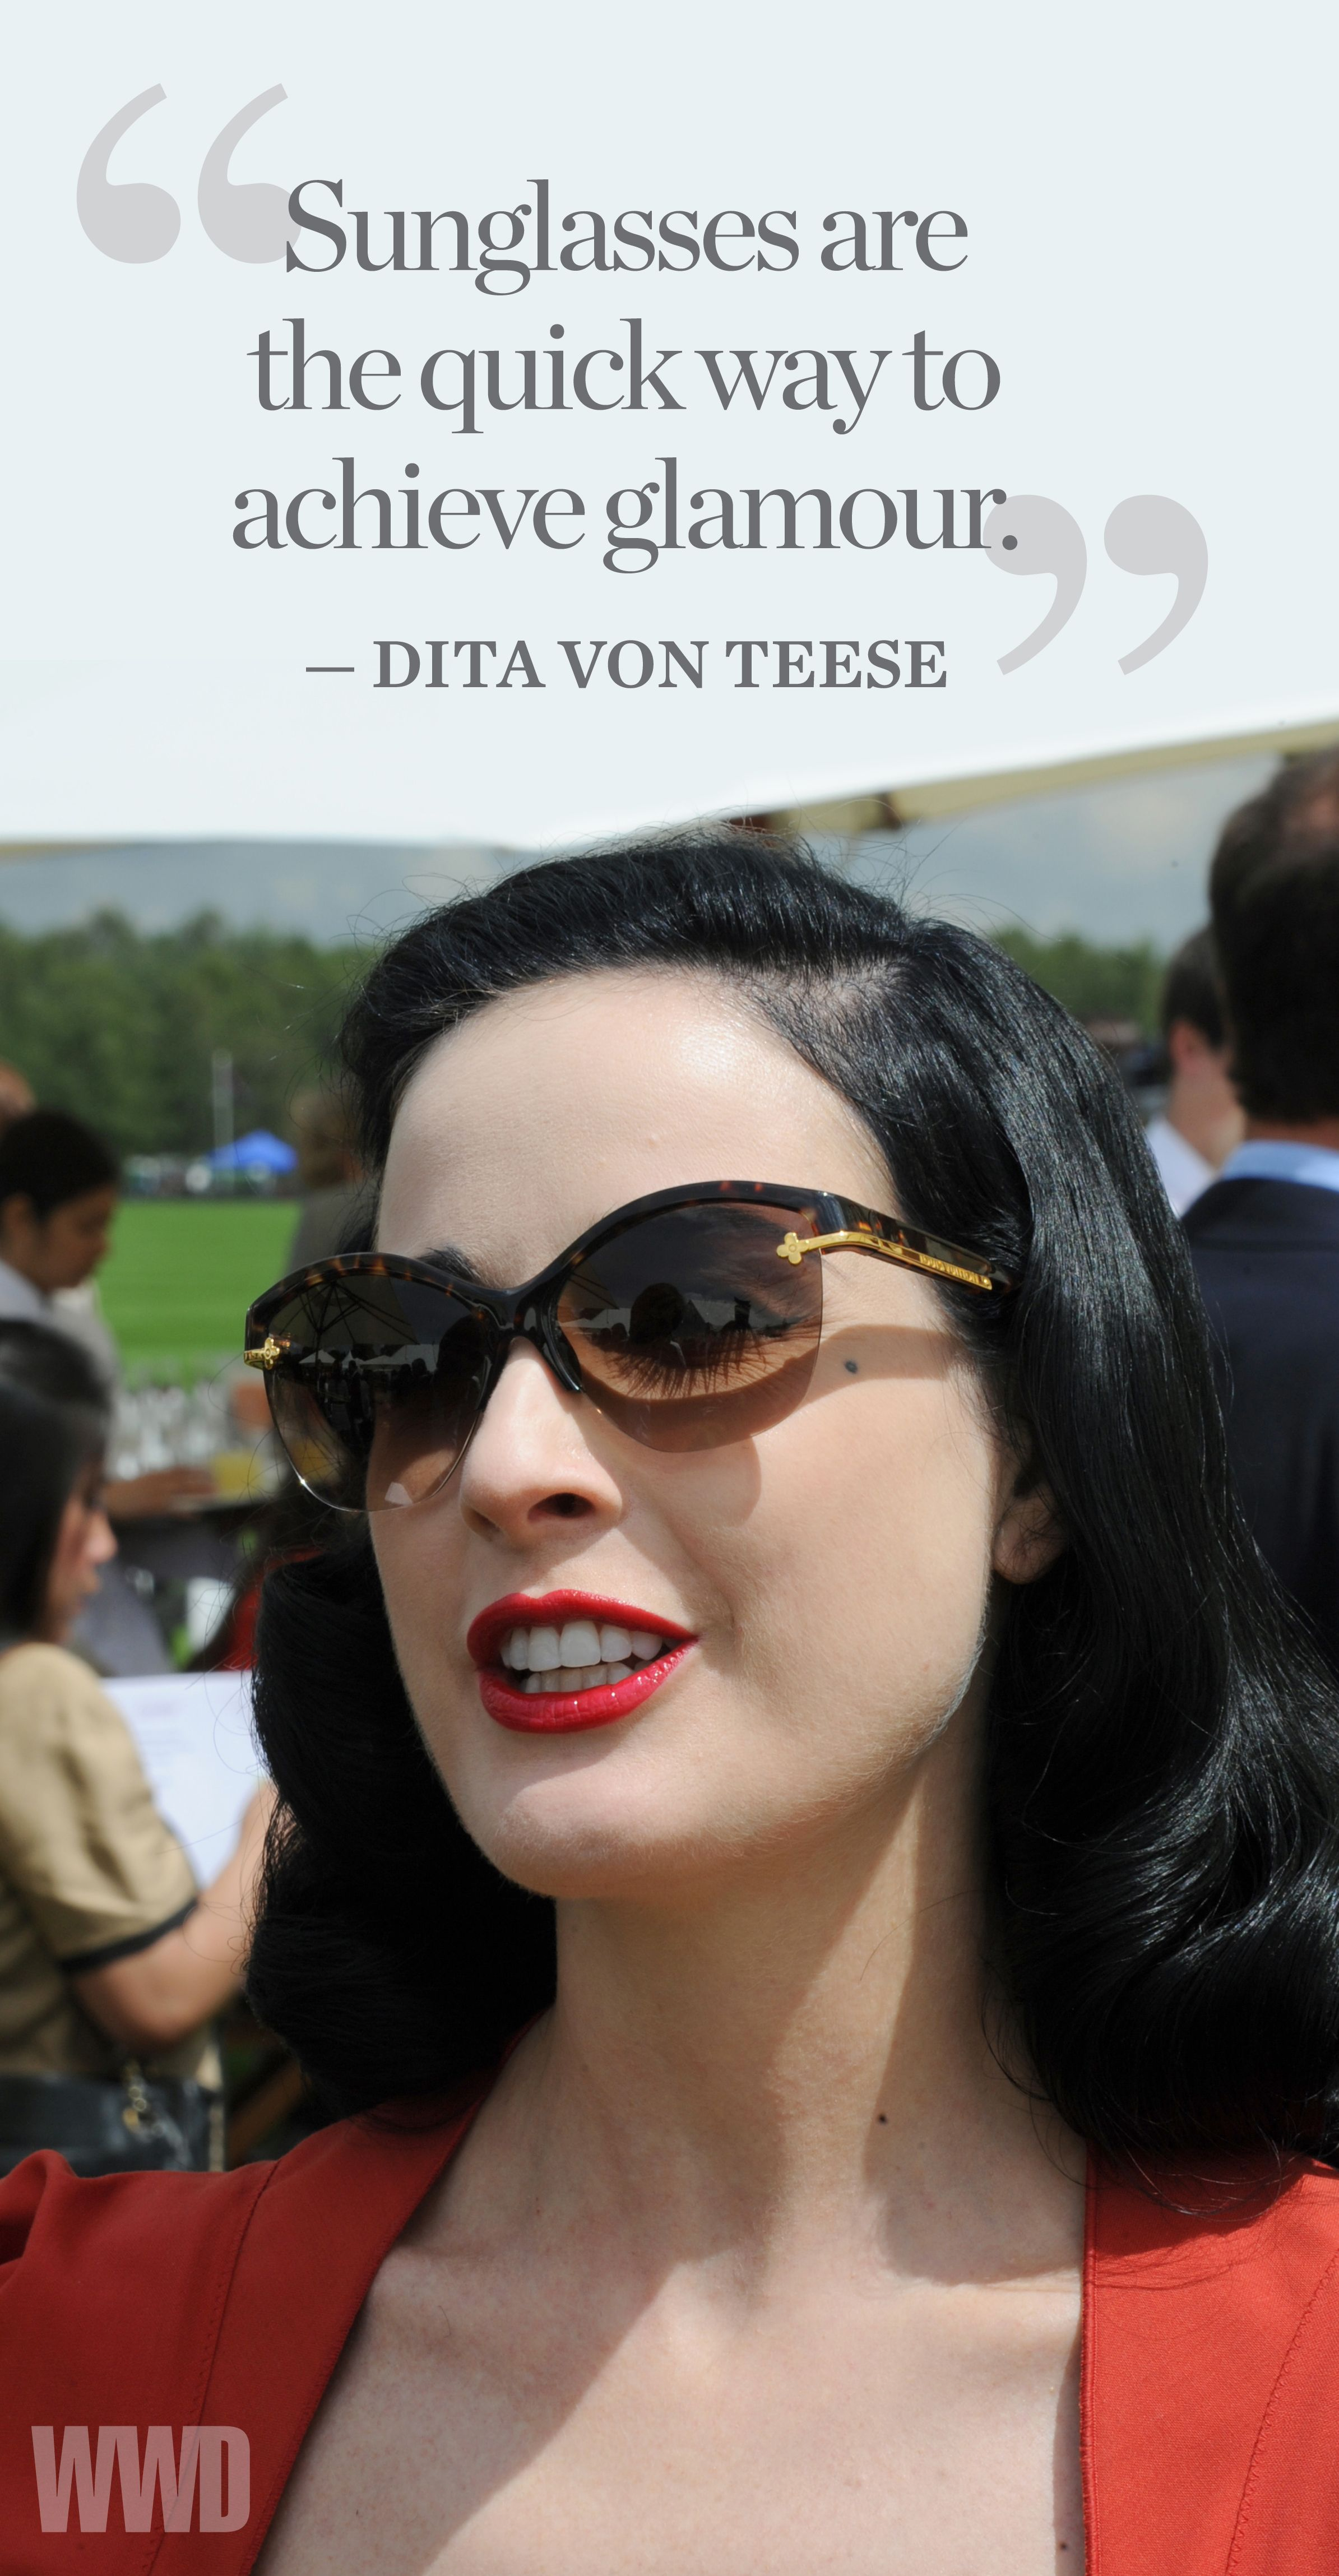 In The Mix Dita Von Teese S Take On Eyewear Dita Von Teese Sunglasses Quotes Dita Von